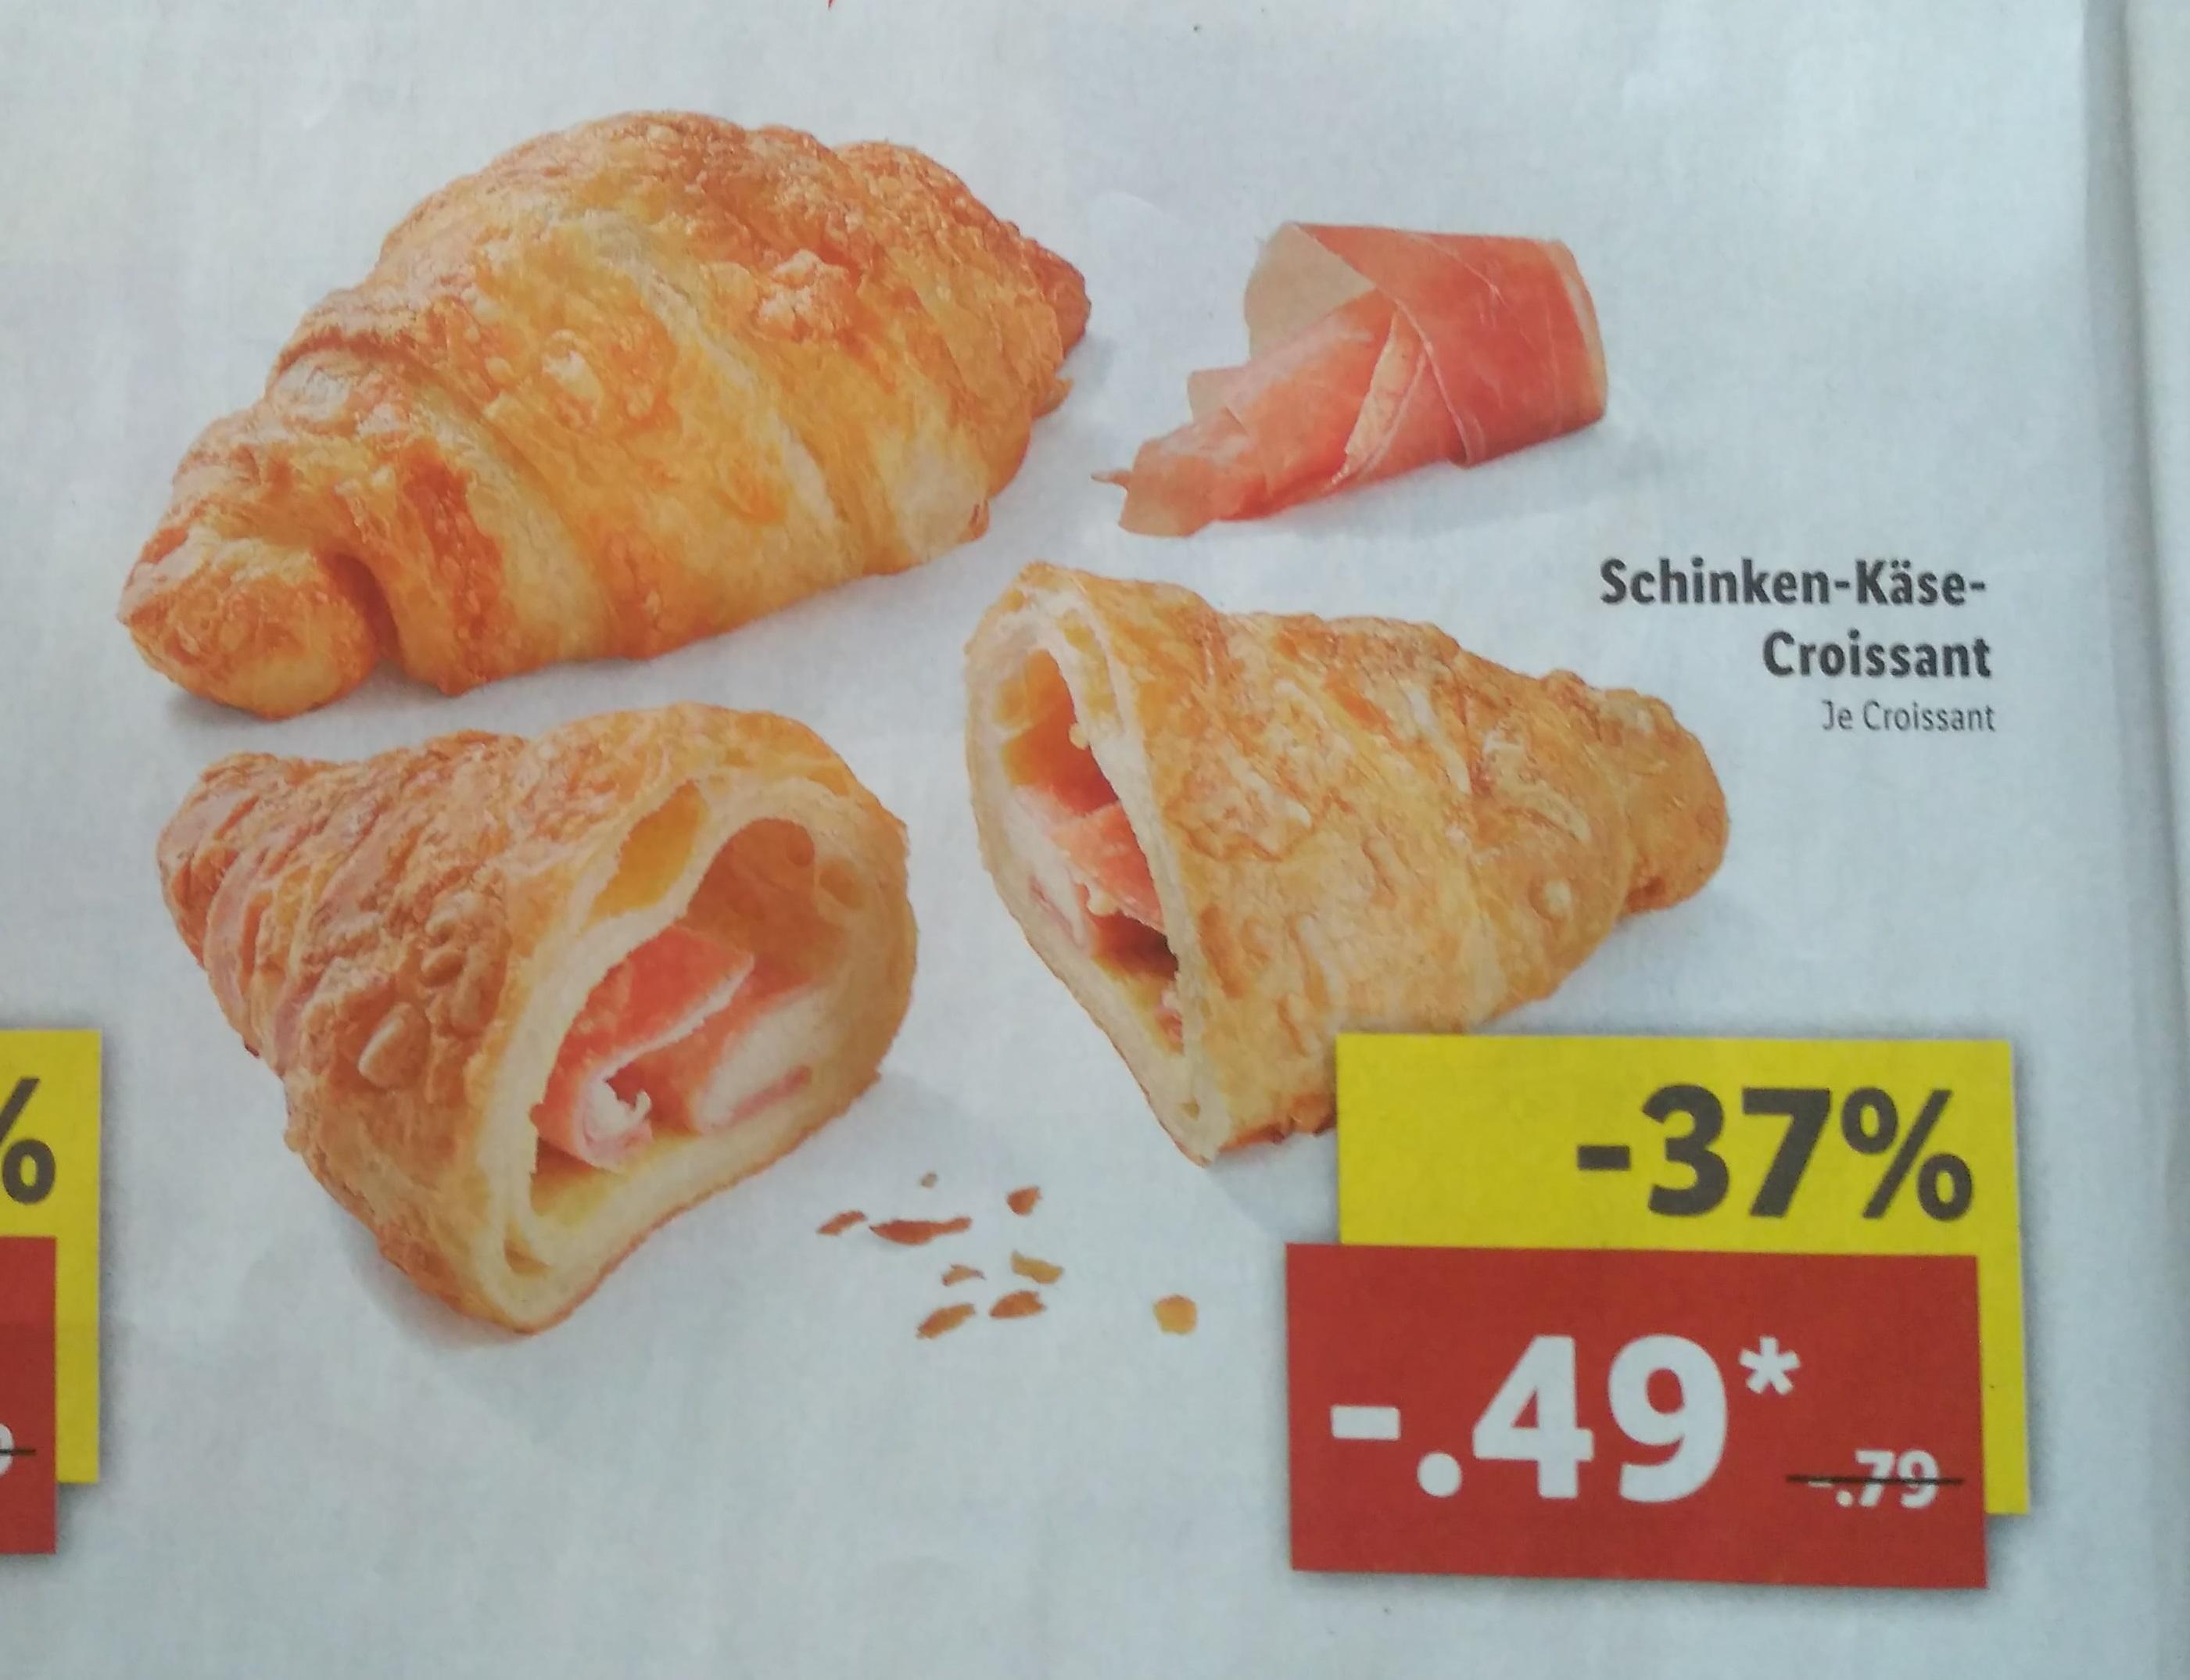 Schinken-Käse-Croissant für 49 statt 79 Cent + Gratis Kaffee [Wiedereröffnung Lidl Berlin-Treptow]